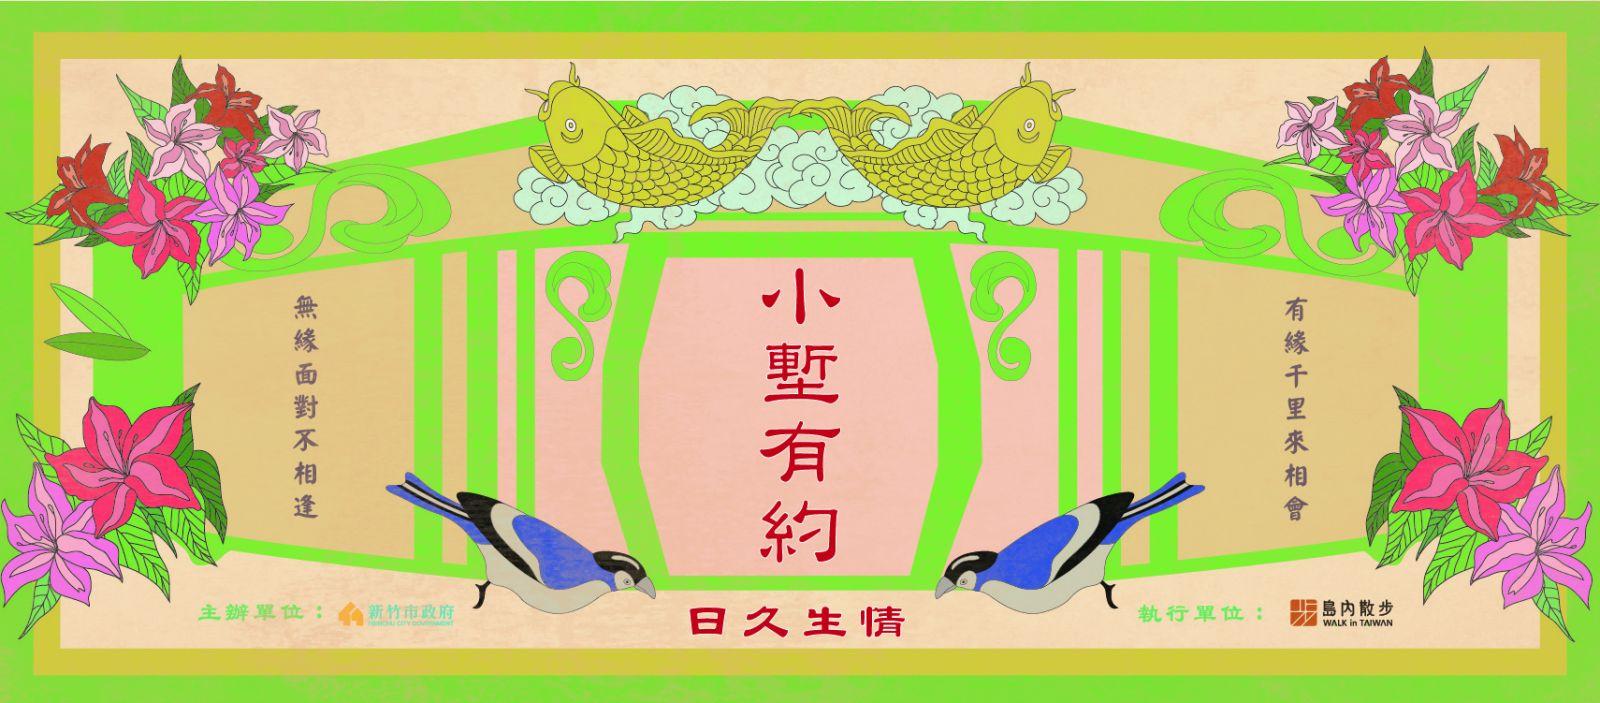 南寮魚鱗天梯